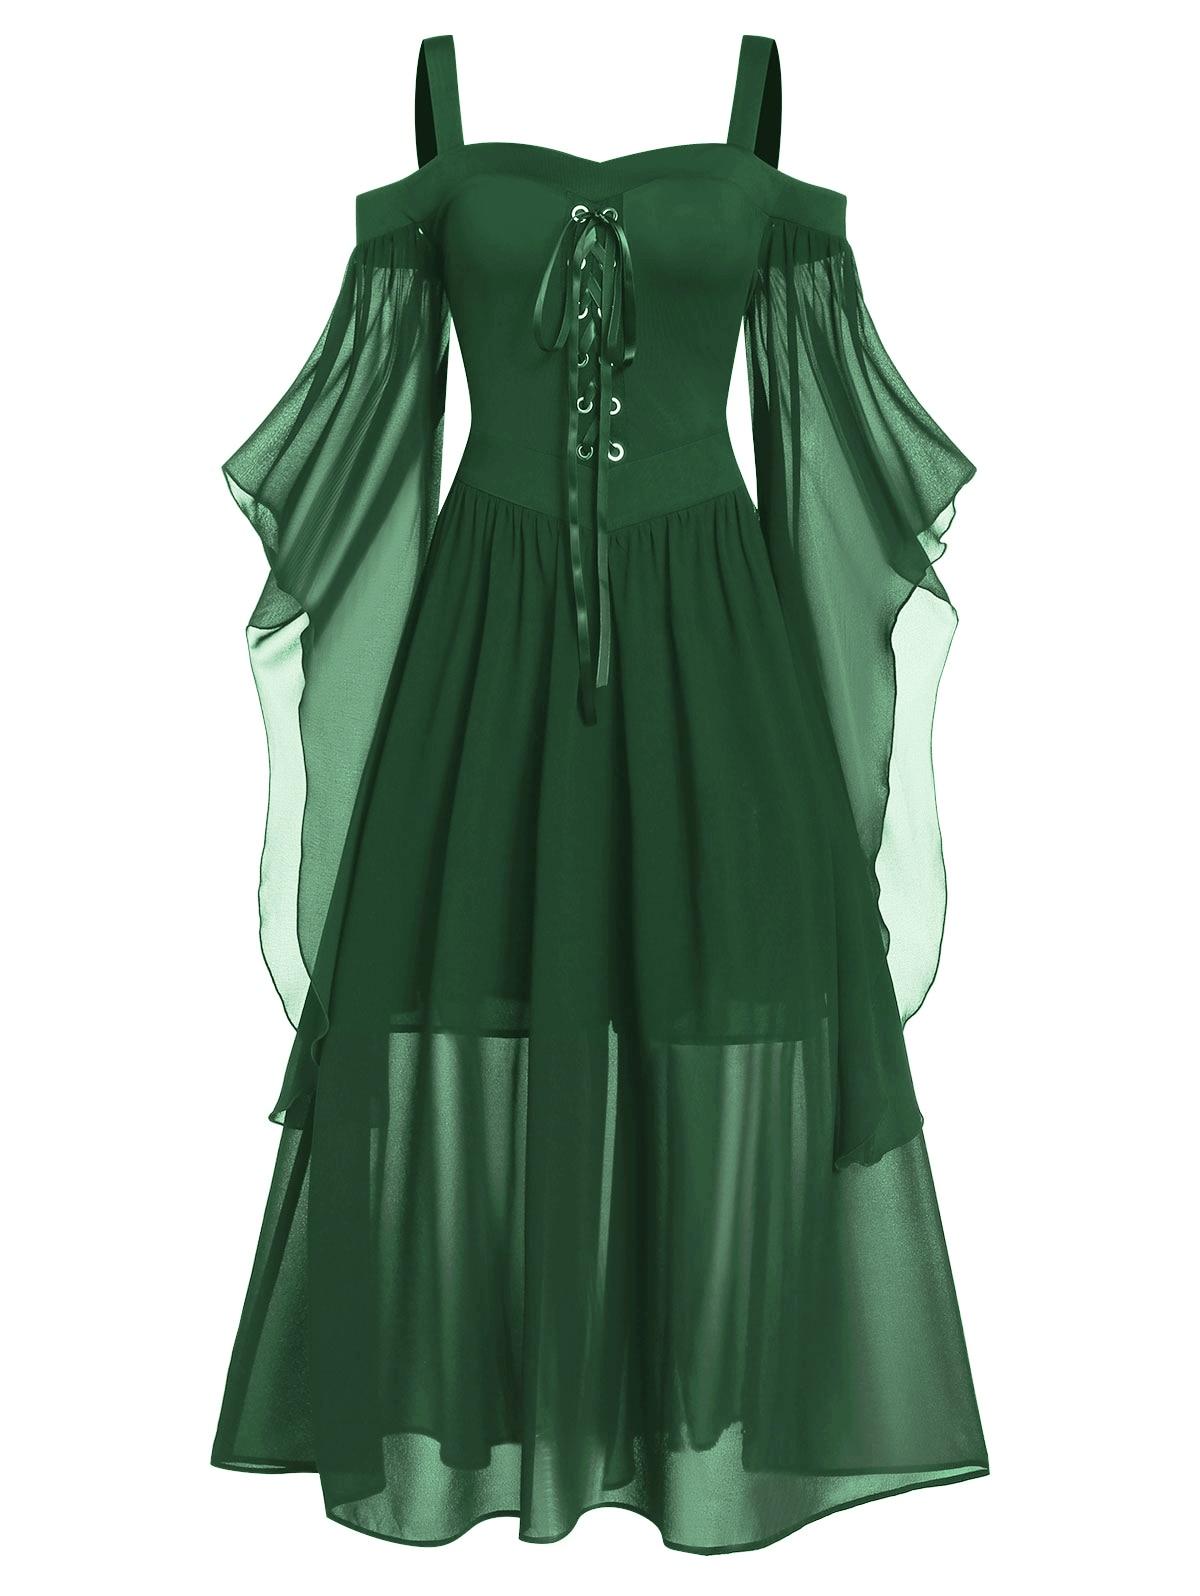 Rosegal 5XL grande taille Maxi robe froide épaule papillon manches à lacets robe d'halloween gothique fête femmes robe Vintage - 3